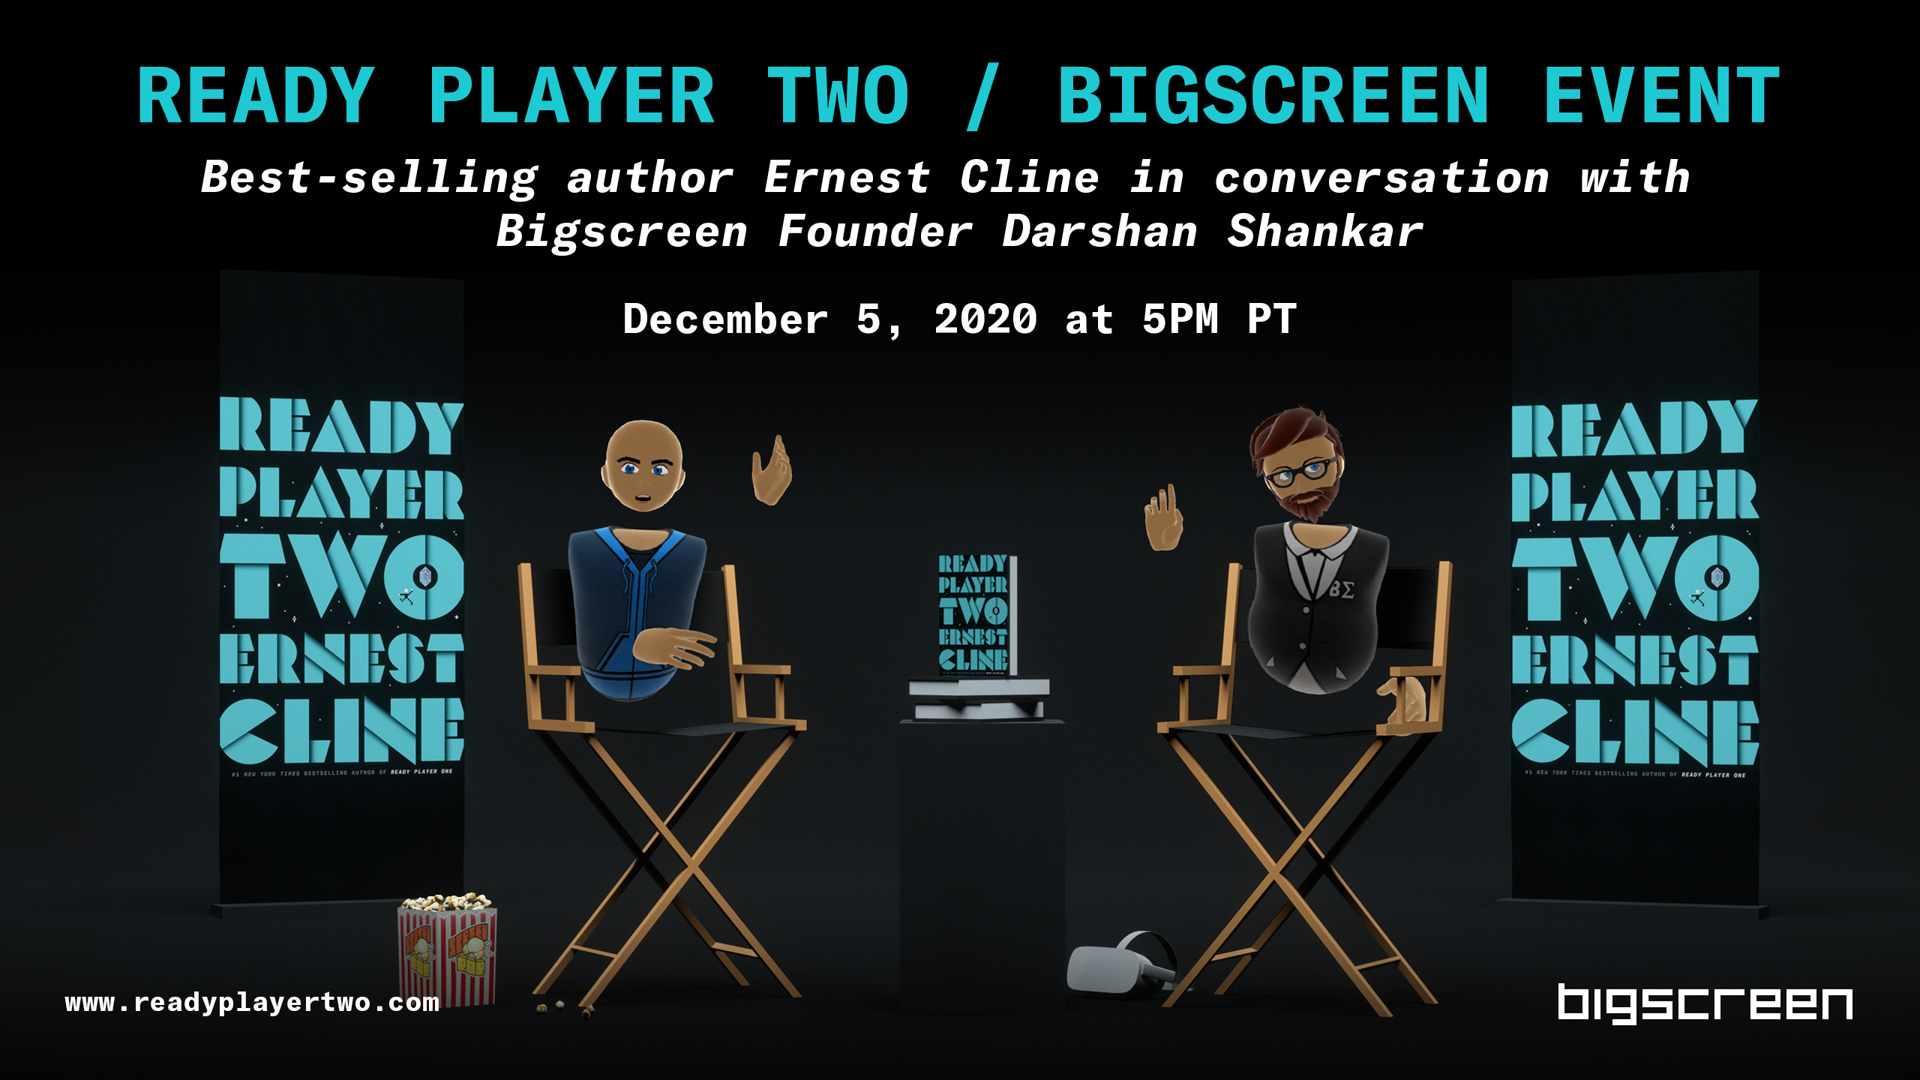 Plakat zum Q&A von Ernest Cline und Darshan Shankar in Bigsreen VR über Ready Player Two.